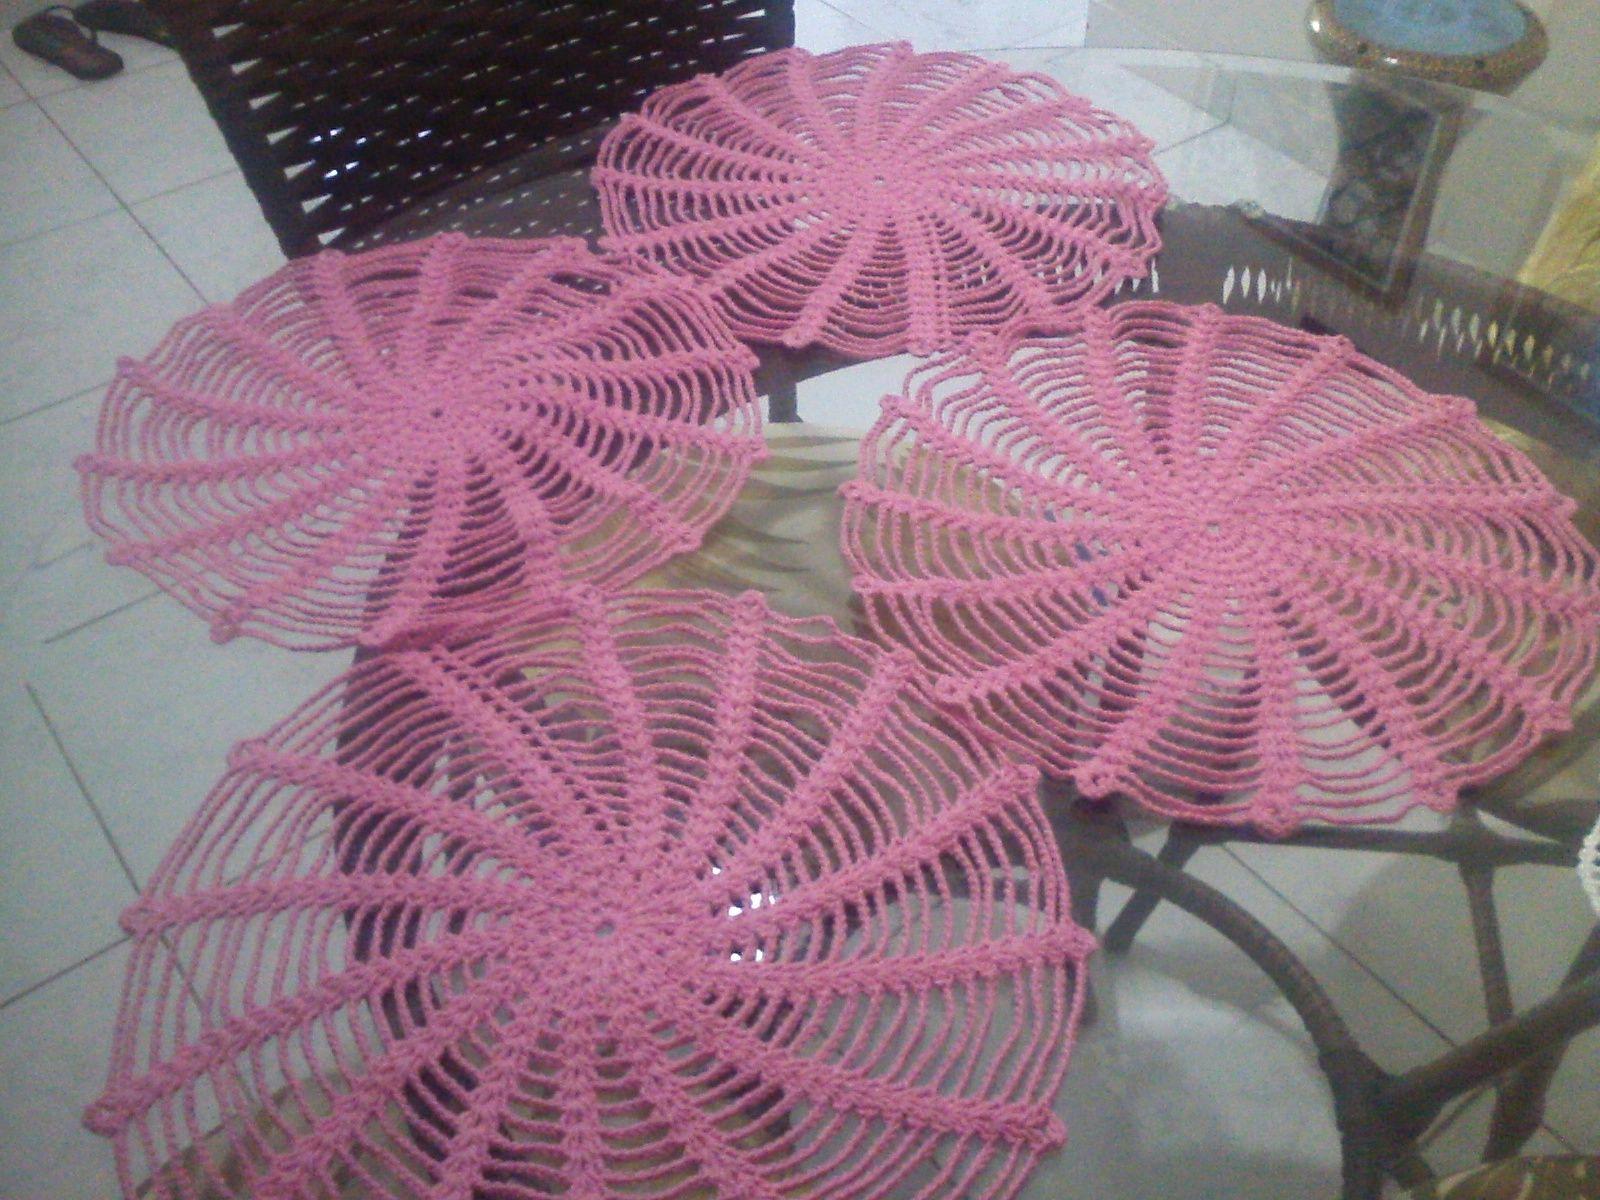 Sousplat de crochê rosa. Linha de algodão.